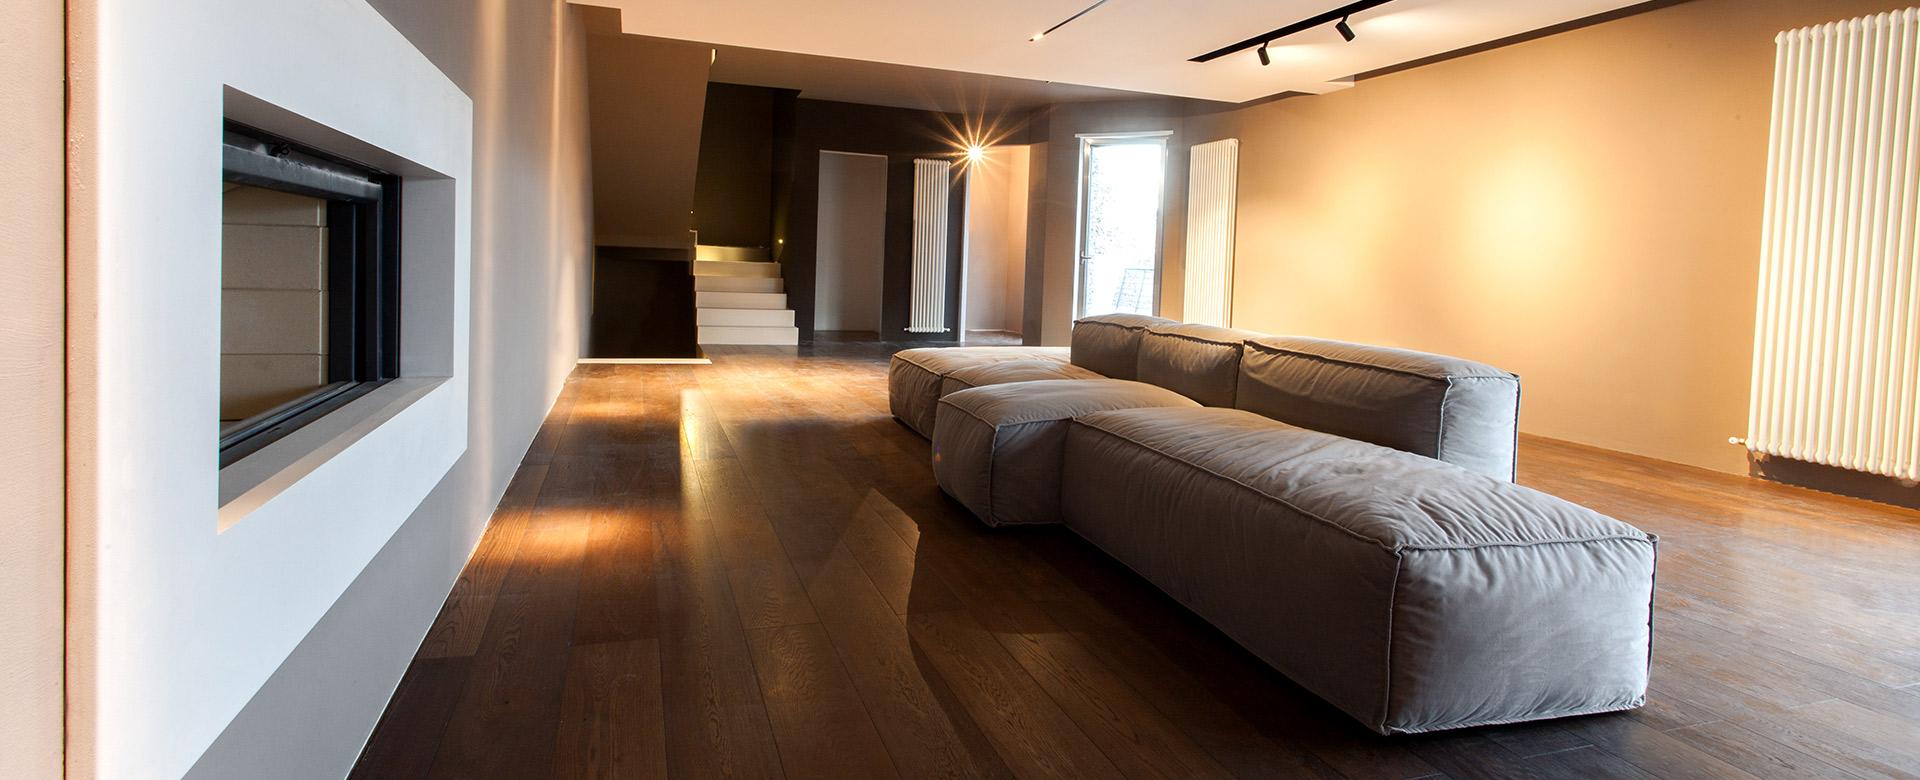 interni_progetto_luce_casa2